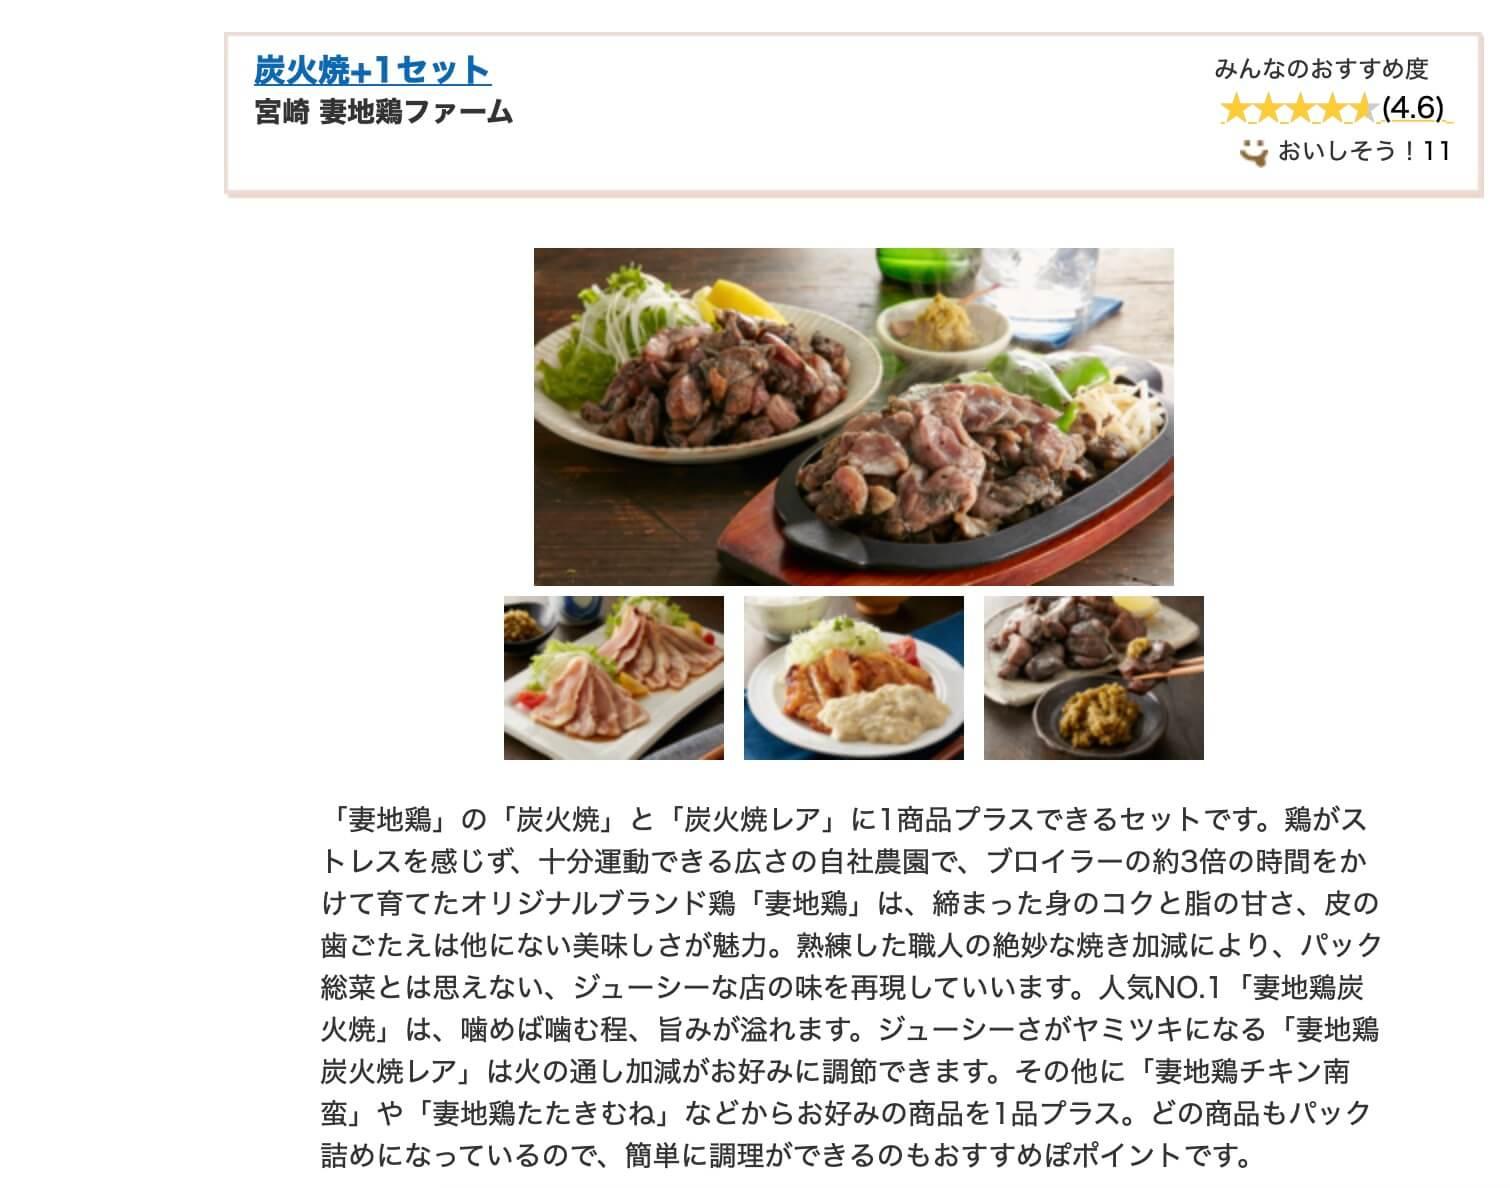 宮崎 妻地鶏ファーム